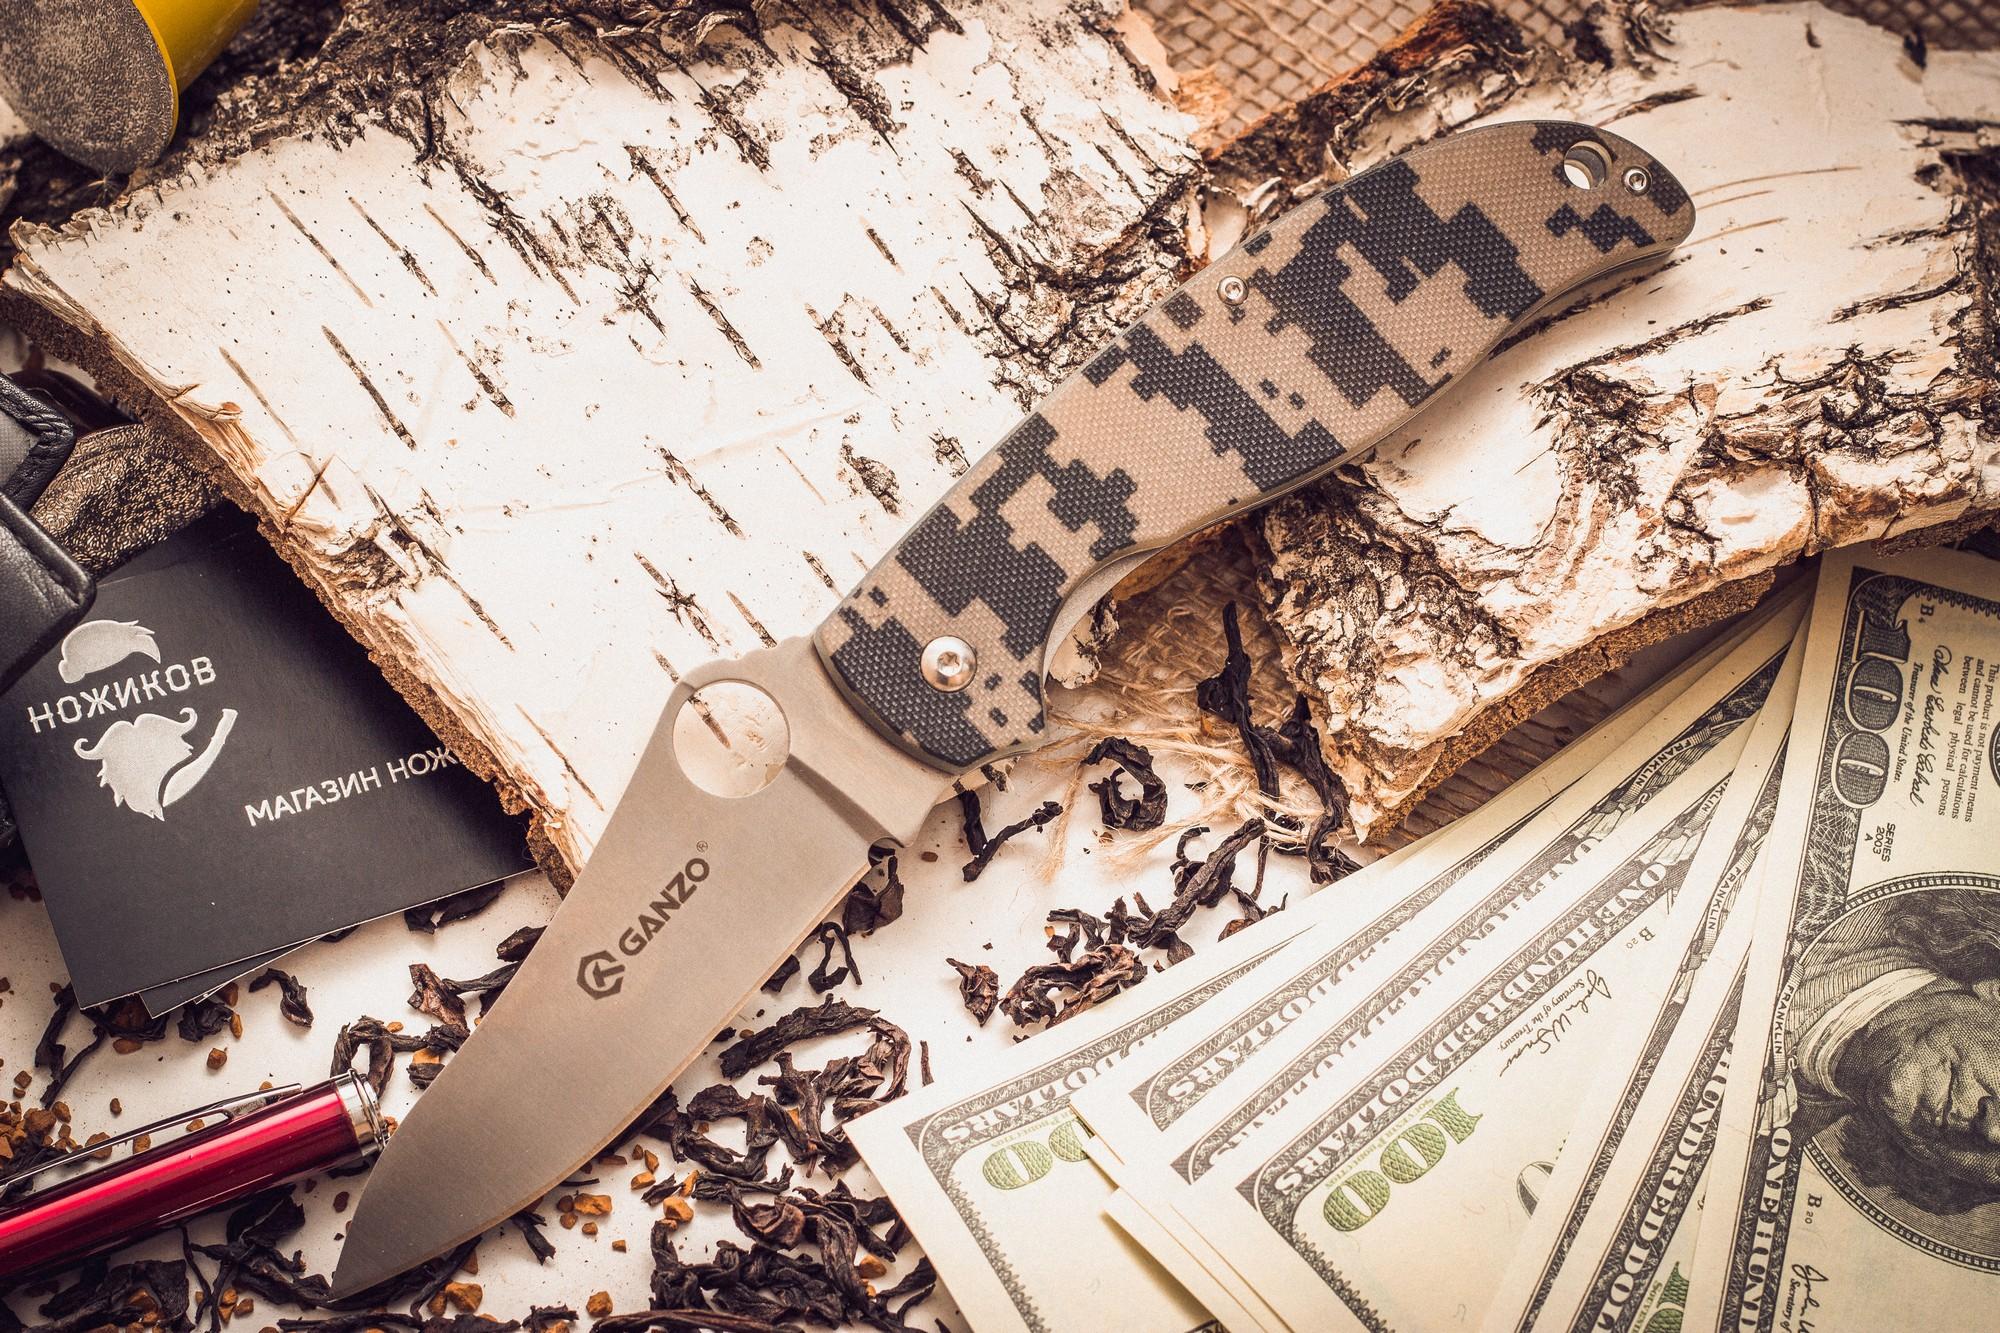 Складной нож Ganzo G734, камуфляжРаскладные ножи<br>Если вы выбираете нож для поездок на природу: туризма, рыбалки, пикников или занятий различными видами экстремального спорта, Ganzo G734 — именно та модель, на которую действительно стоит обратить внимание. Его клинок выполнен из нержавейки высокого качества (440С), которую широко используют многие известные производители. Гладкая заточка способствует многозадачности этой модели. Нож прекрасно подойдет для приготовления бутербродов, чистки рыбы, выполнения различных подсобных работ. Помимо того, у лезвия довольно необычная форма, которая понравится ценителям и коллекционерам ножей. Длина лезвия ножика достигает 89 мм при толщине пластины по обуху 30,33 см.<br>Чтобы Ganzo G734 было удобно держать в руках, на его рукоятке с обеих сторон размещены накладки из популярного стеклопластика G10. Он получил большое распространение благодаря необычайной прочности (это композитный материал), легкости формовки и способности долго сохранять свои свойства. Кстати, стеклопластик комфортно держать в руках и зимой, и летом, в отличие от некоторых других материалов, на которые существенно влияет температура окружающей среды. Для модели Ganzo G734 производители предусмотрели четыре варианта расцветок рукоятки: хаки, оранжевая, черная и болотно-зеленая. В хвосте рукоятки сделано небольшое отверстие для темляка.<br>Сделан по аналогузнаменитогоножа Spyderco.<br>